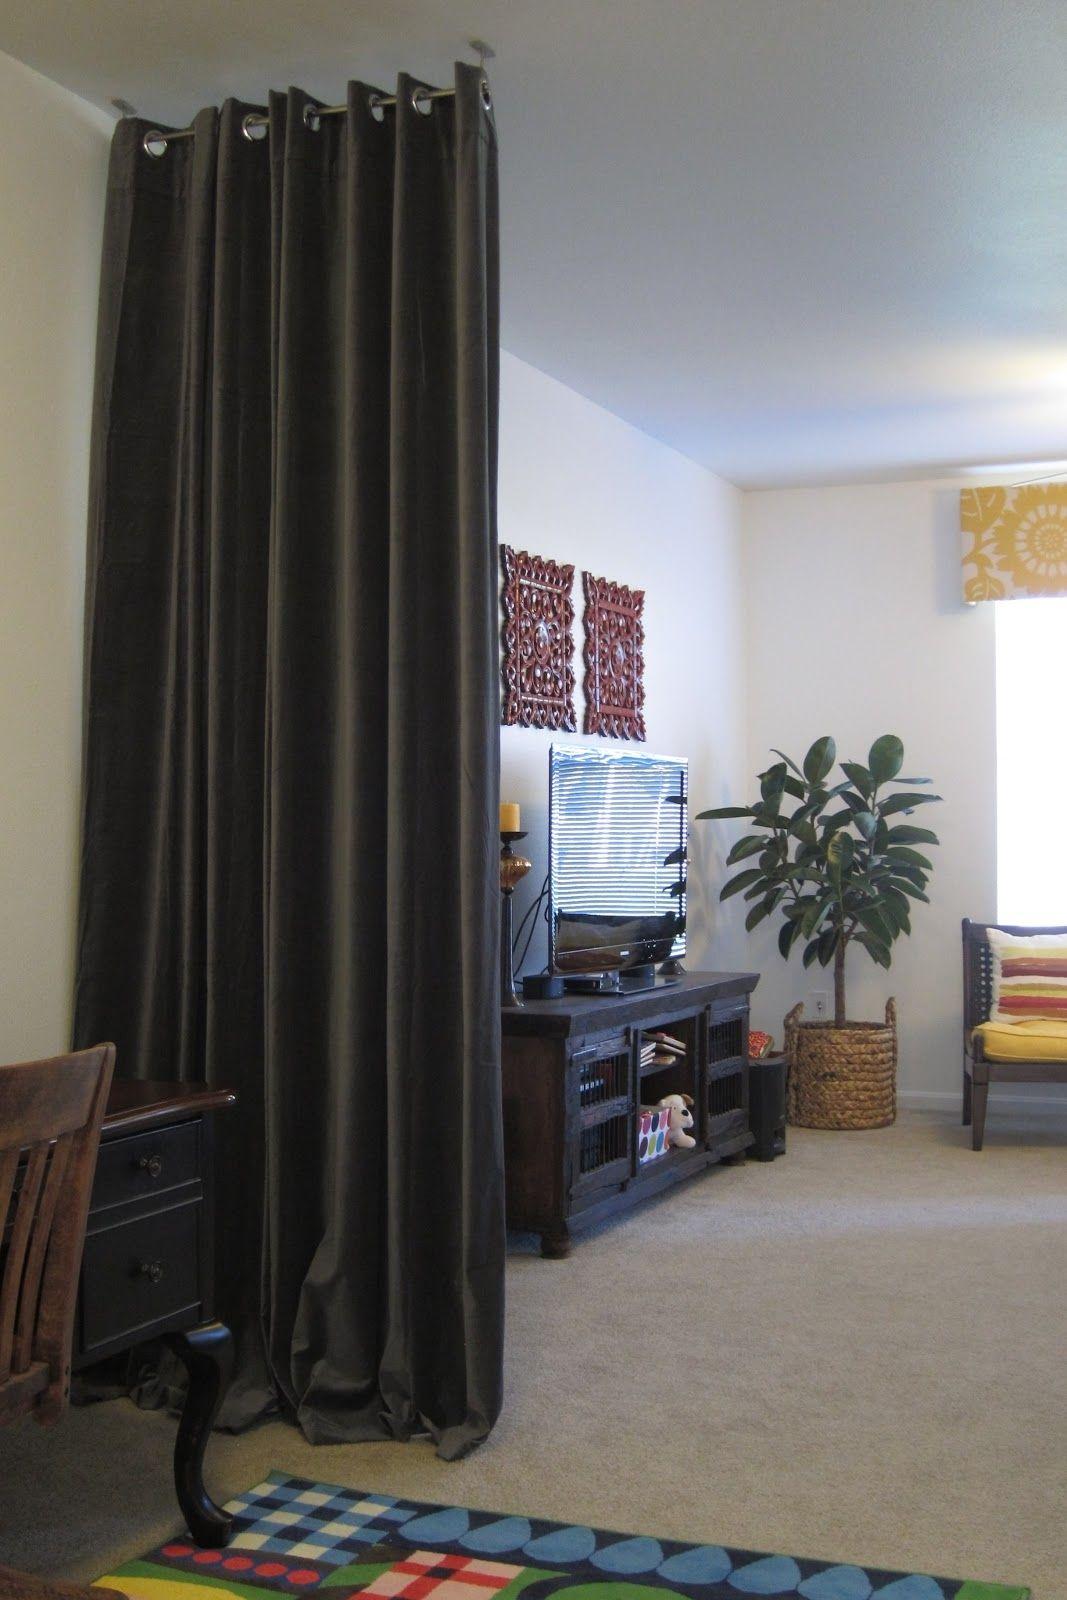 Curtain wall divider ideas bedroom pinterest wall